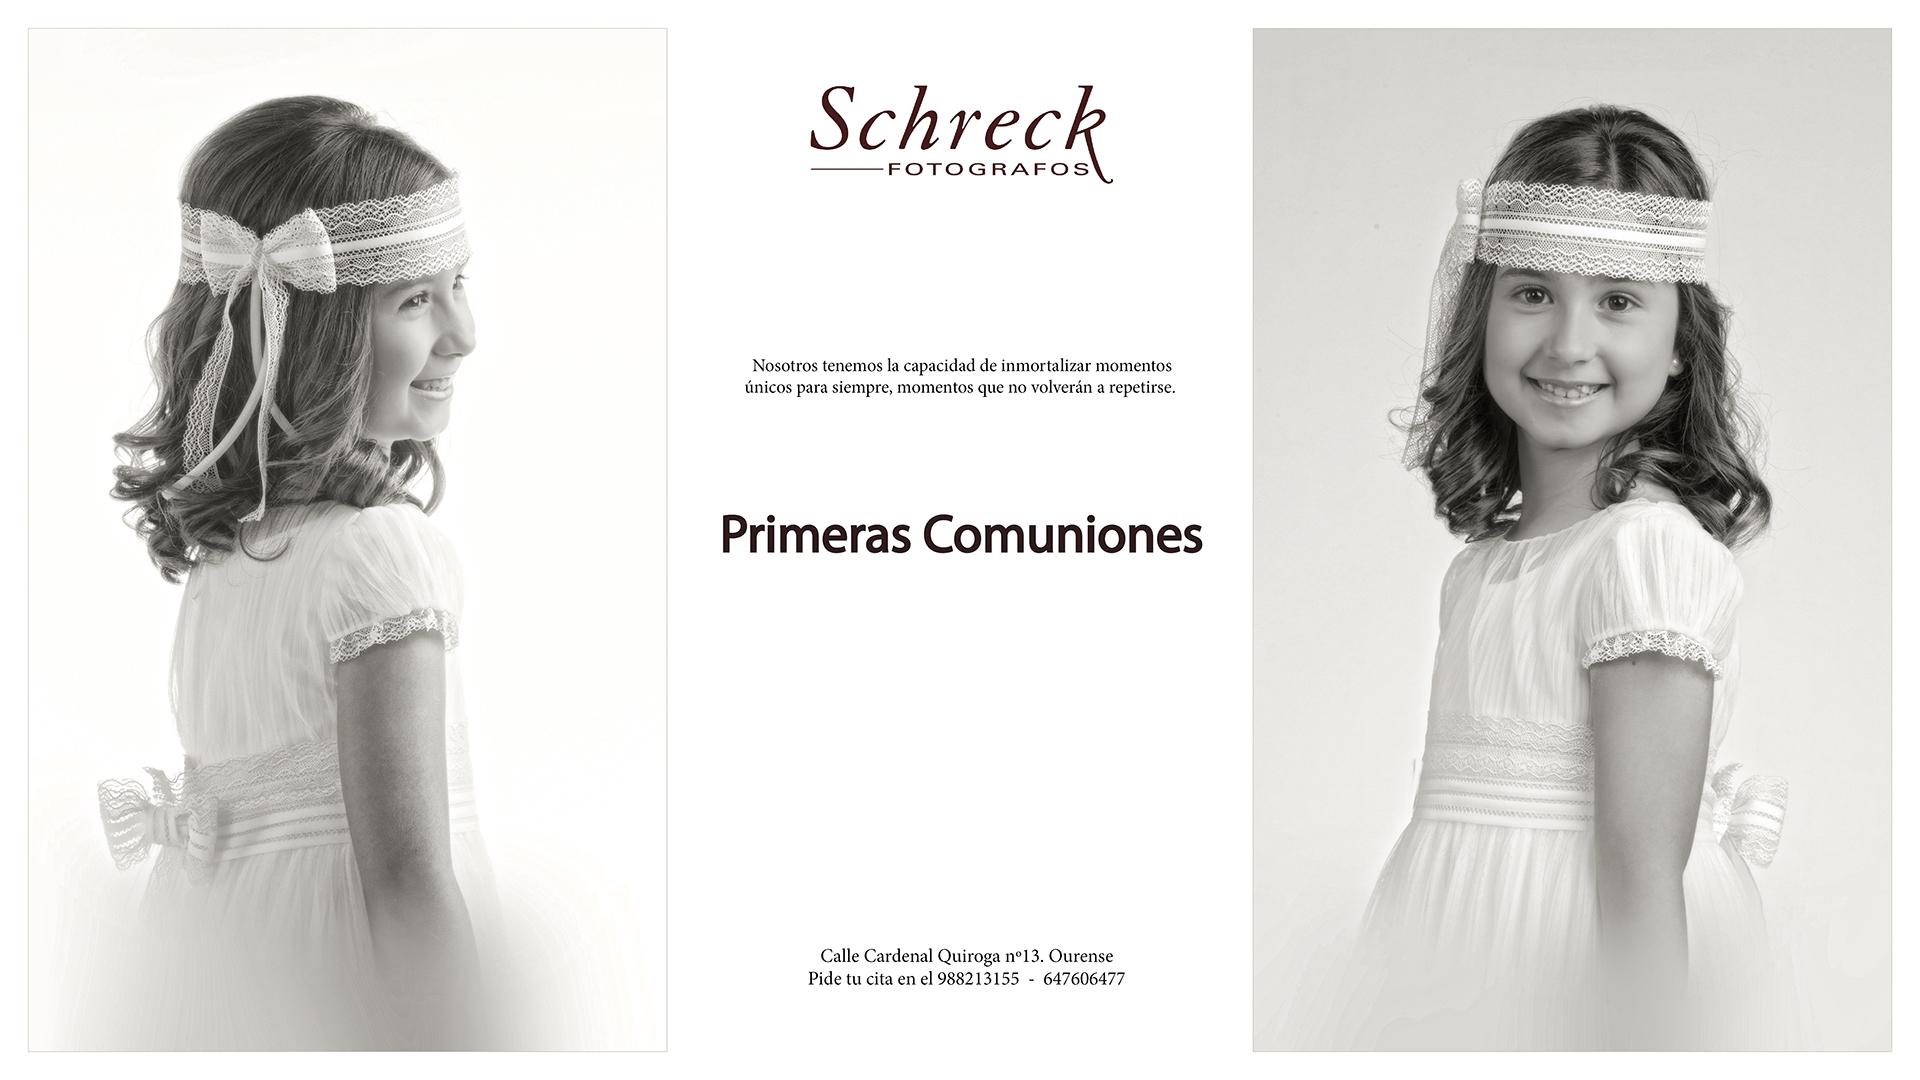 Comunion_Schreck_Ourense3